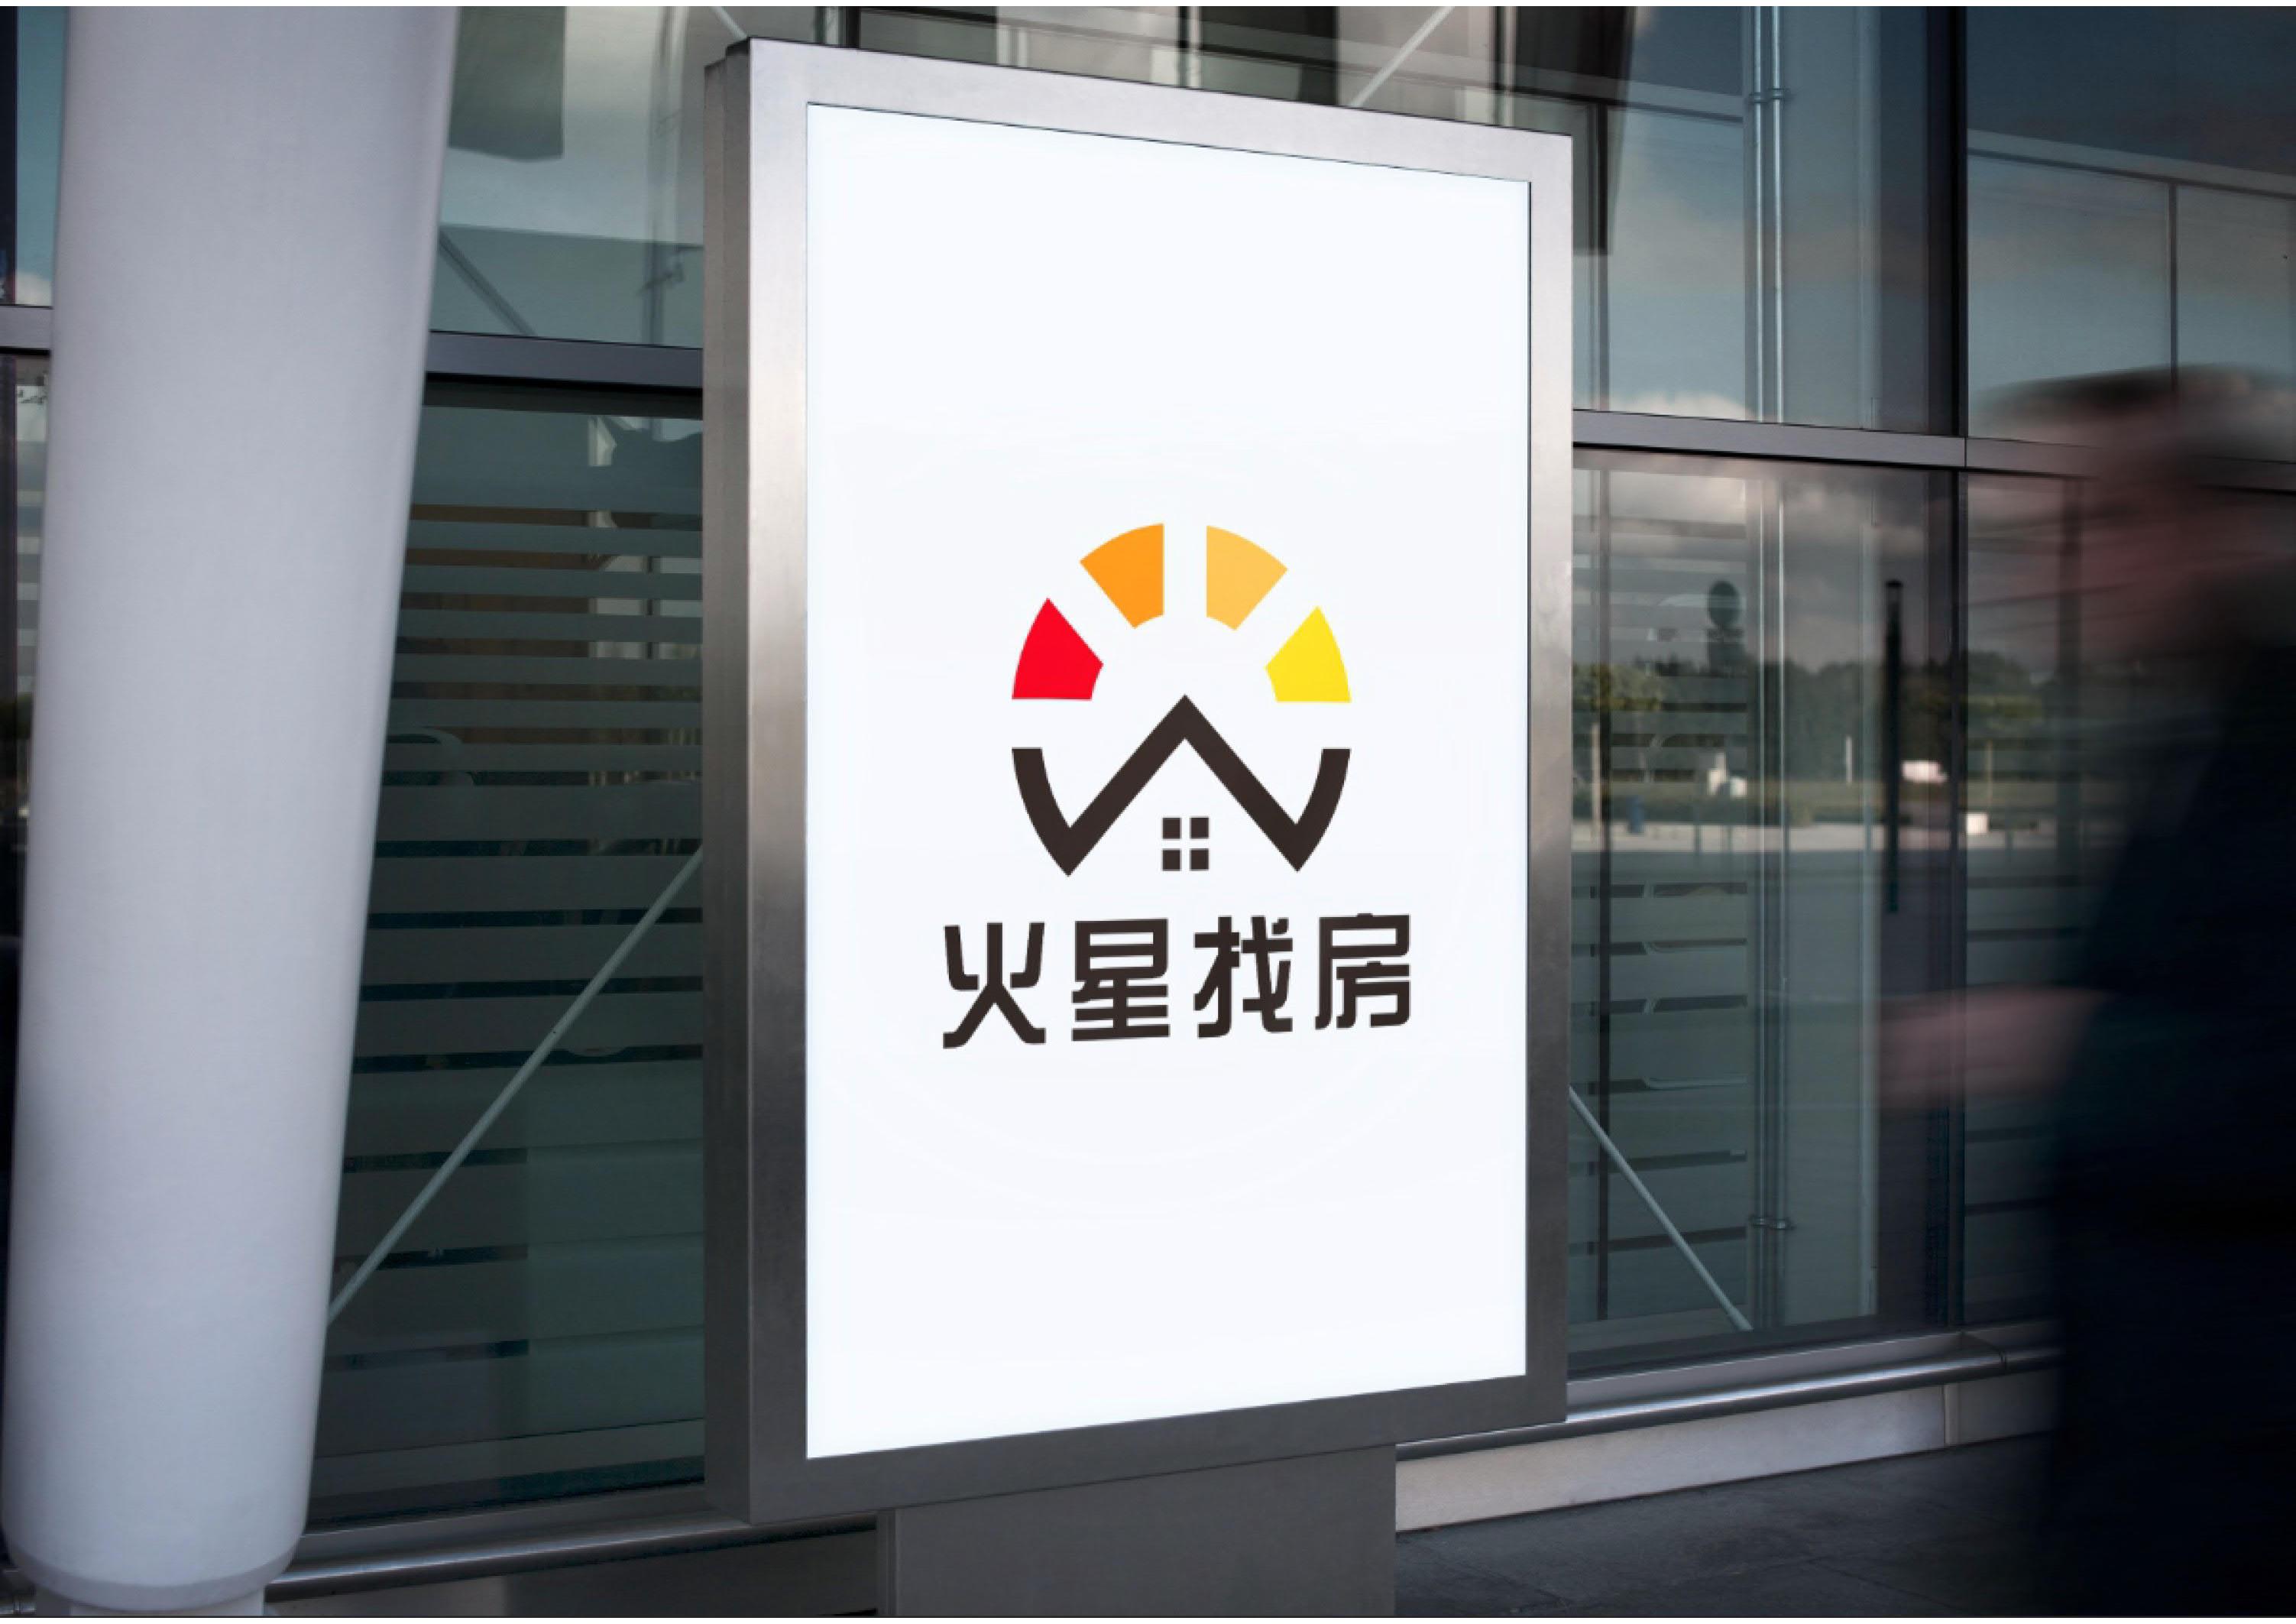 青島火星找房房產經紀有限公司6